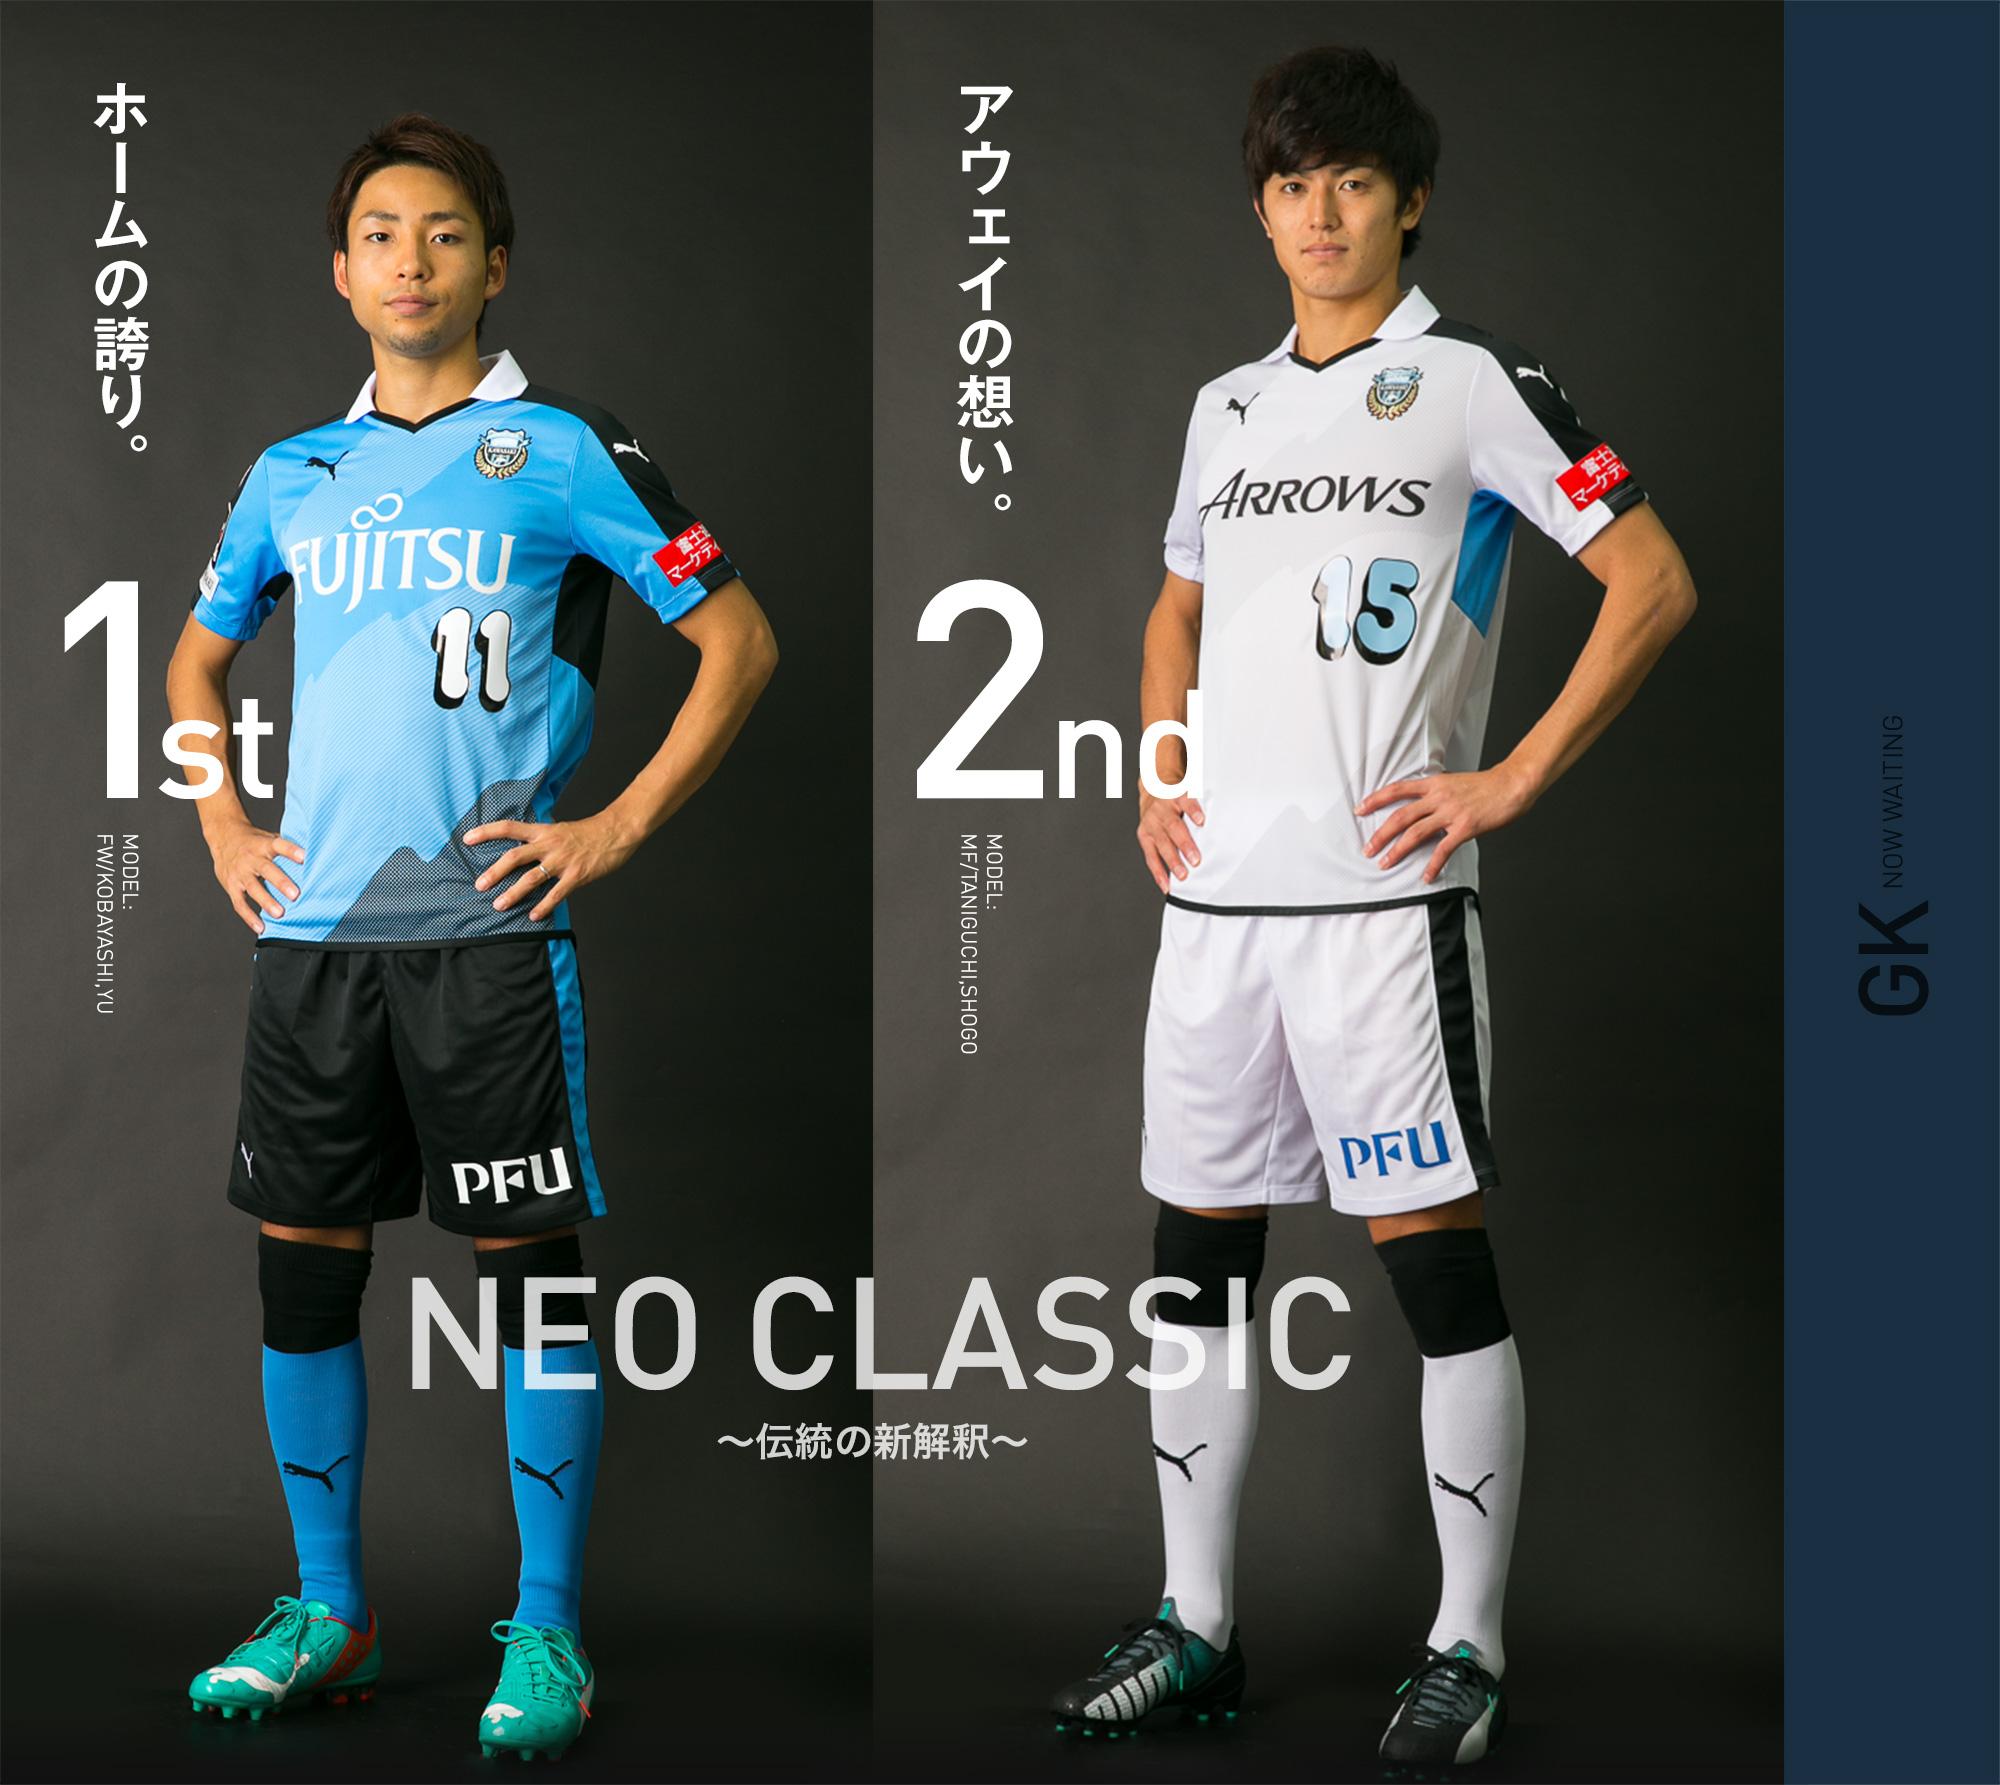 川崎フロンターレ2015シーズン 公式ユニフォーム/WEBショップで ...